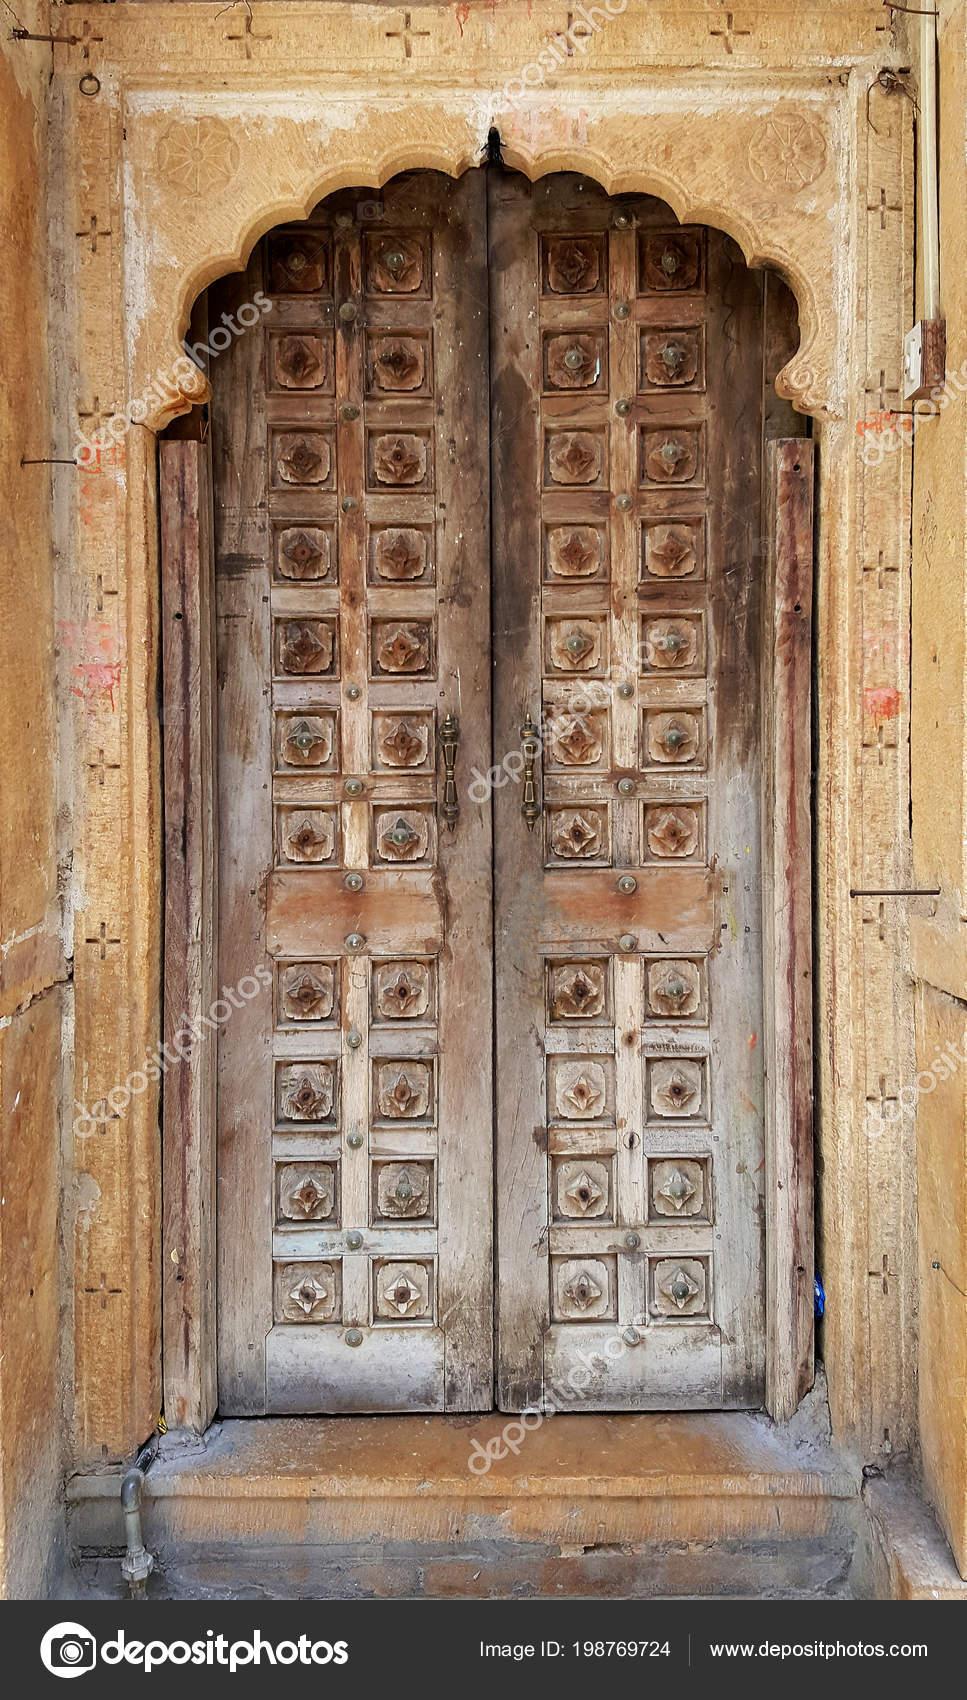 Im genes puertas rusticas de madera antigua puerta madera antigua rustica elemento Puertas de madera antiguas